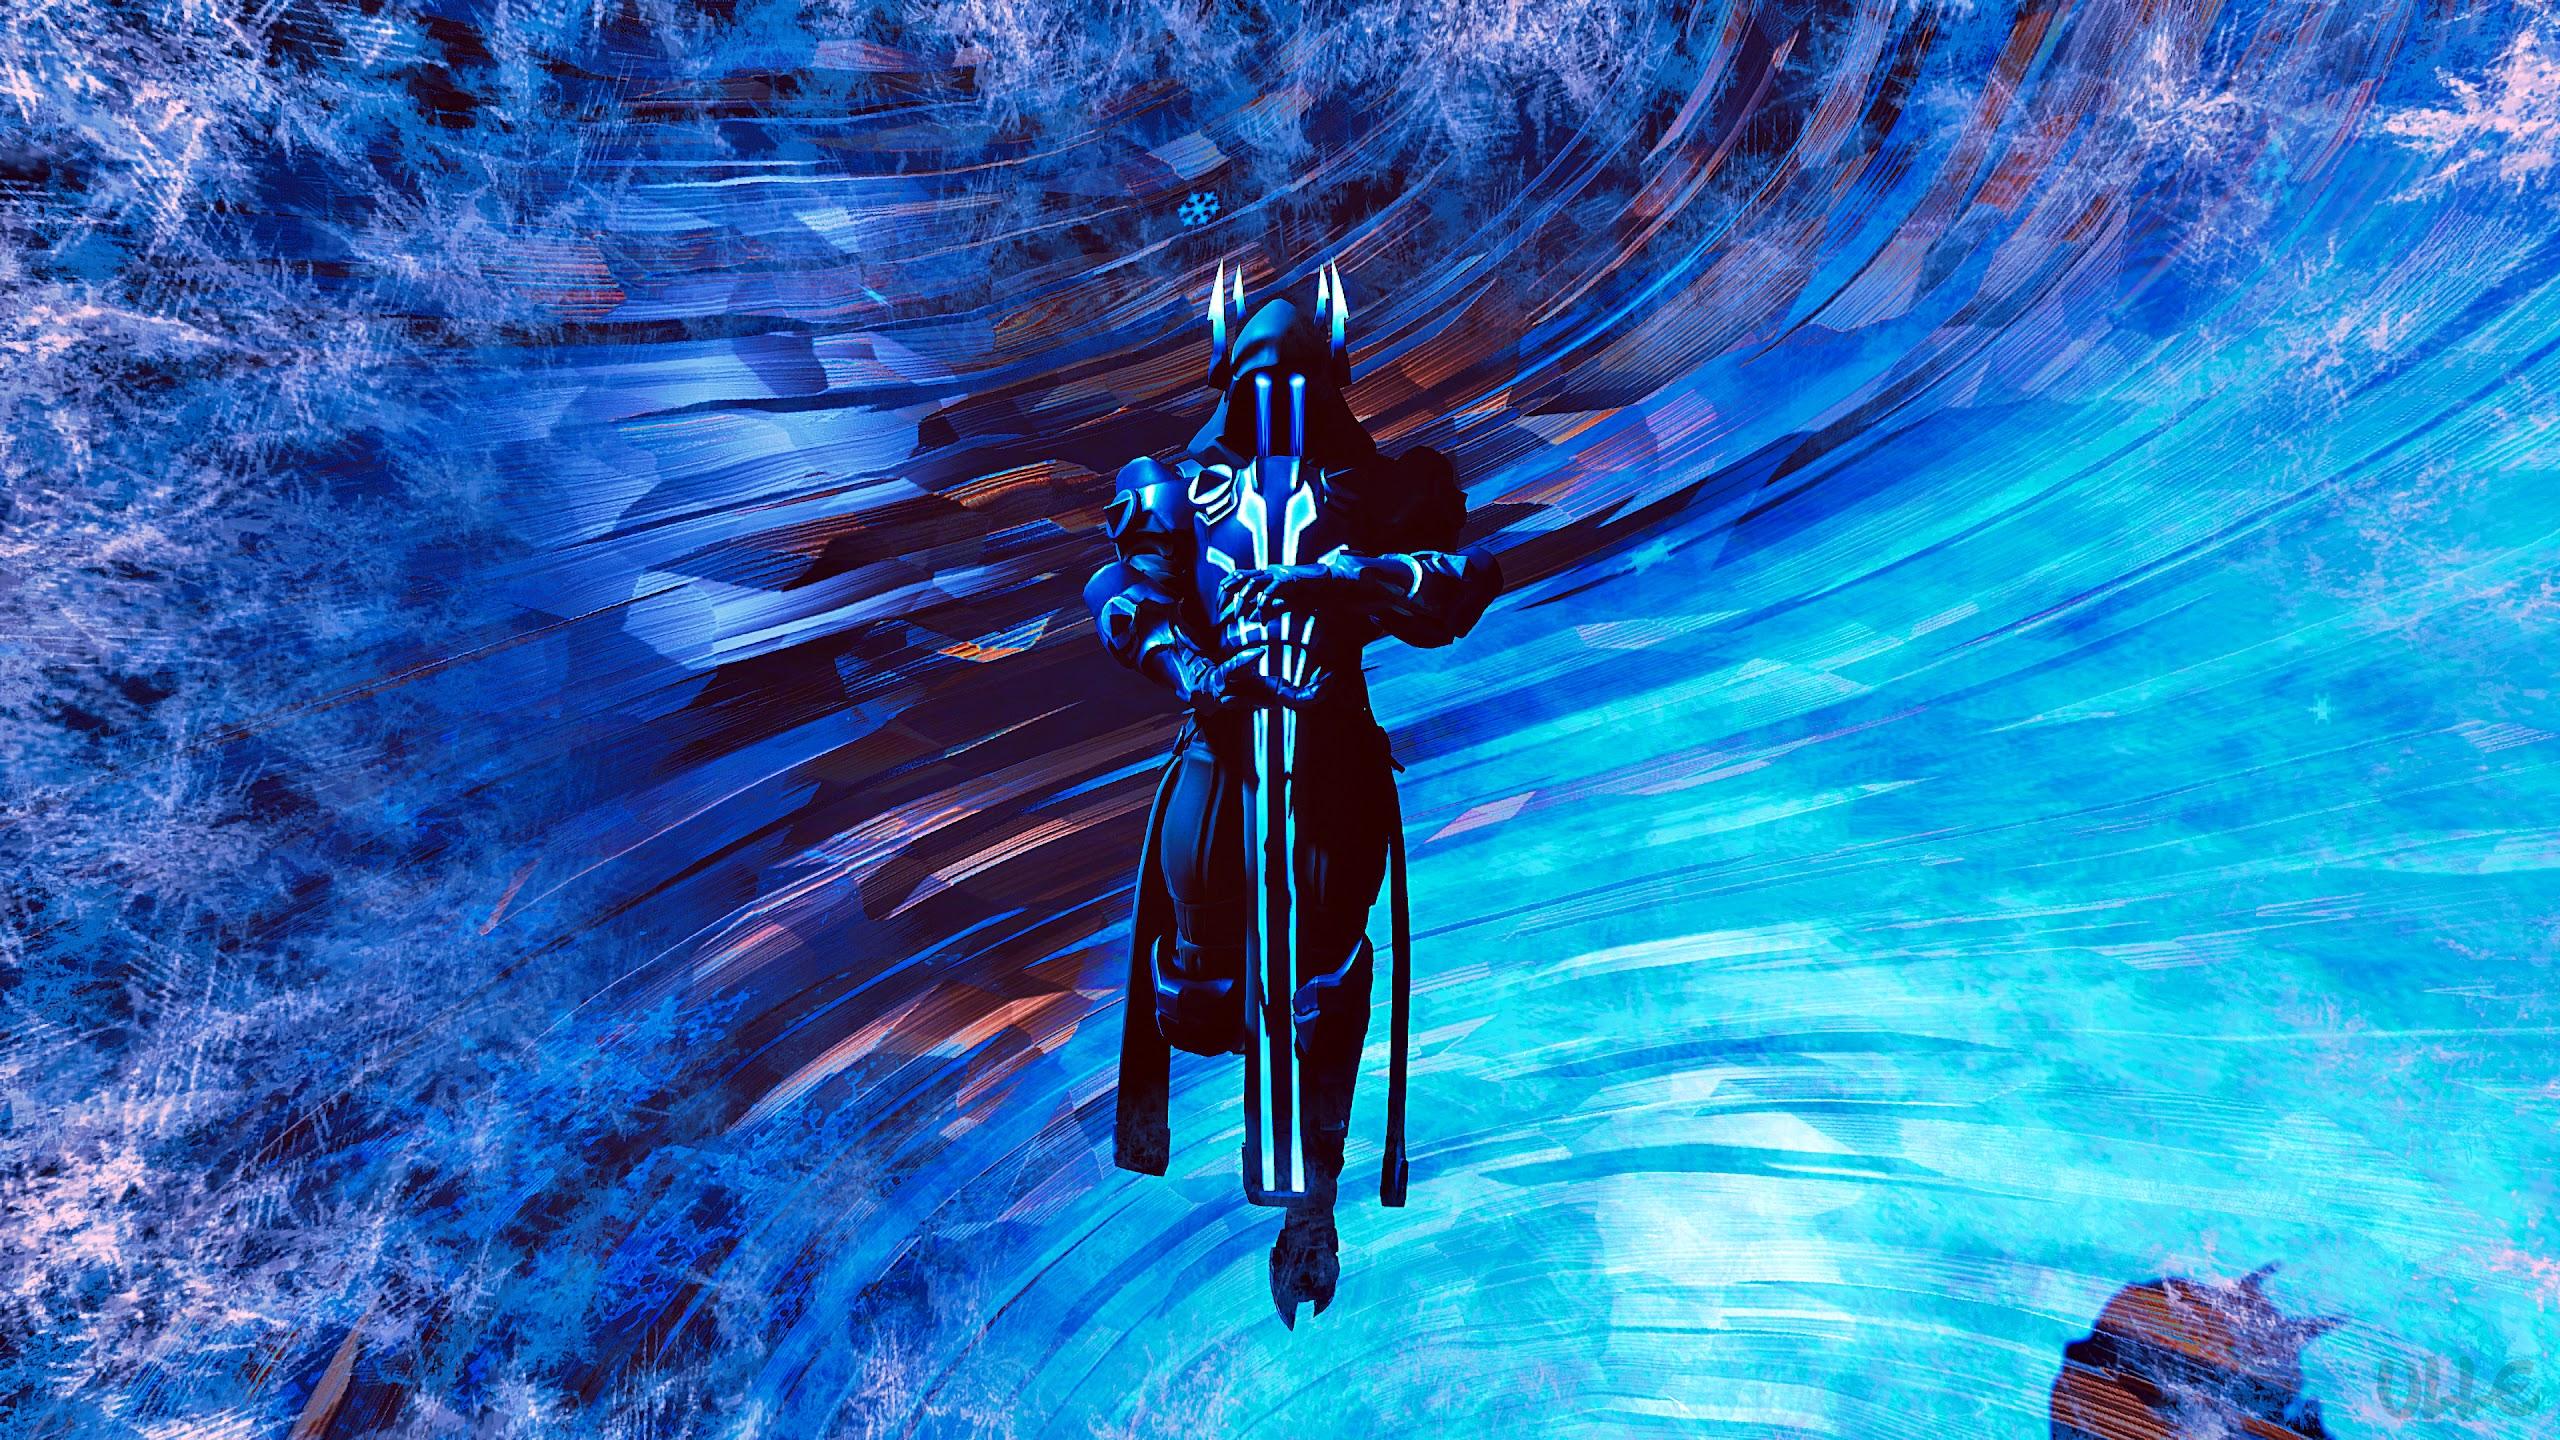 Fortnite Battle Royale Ice King 4k Wallpaper 96